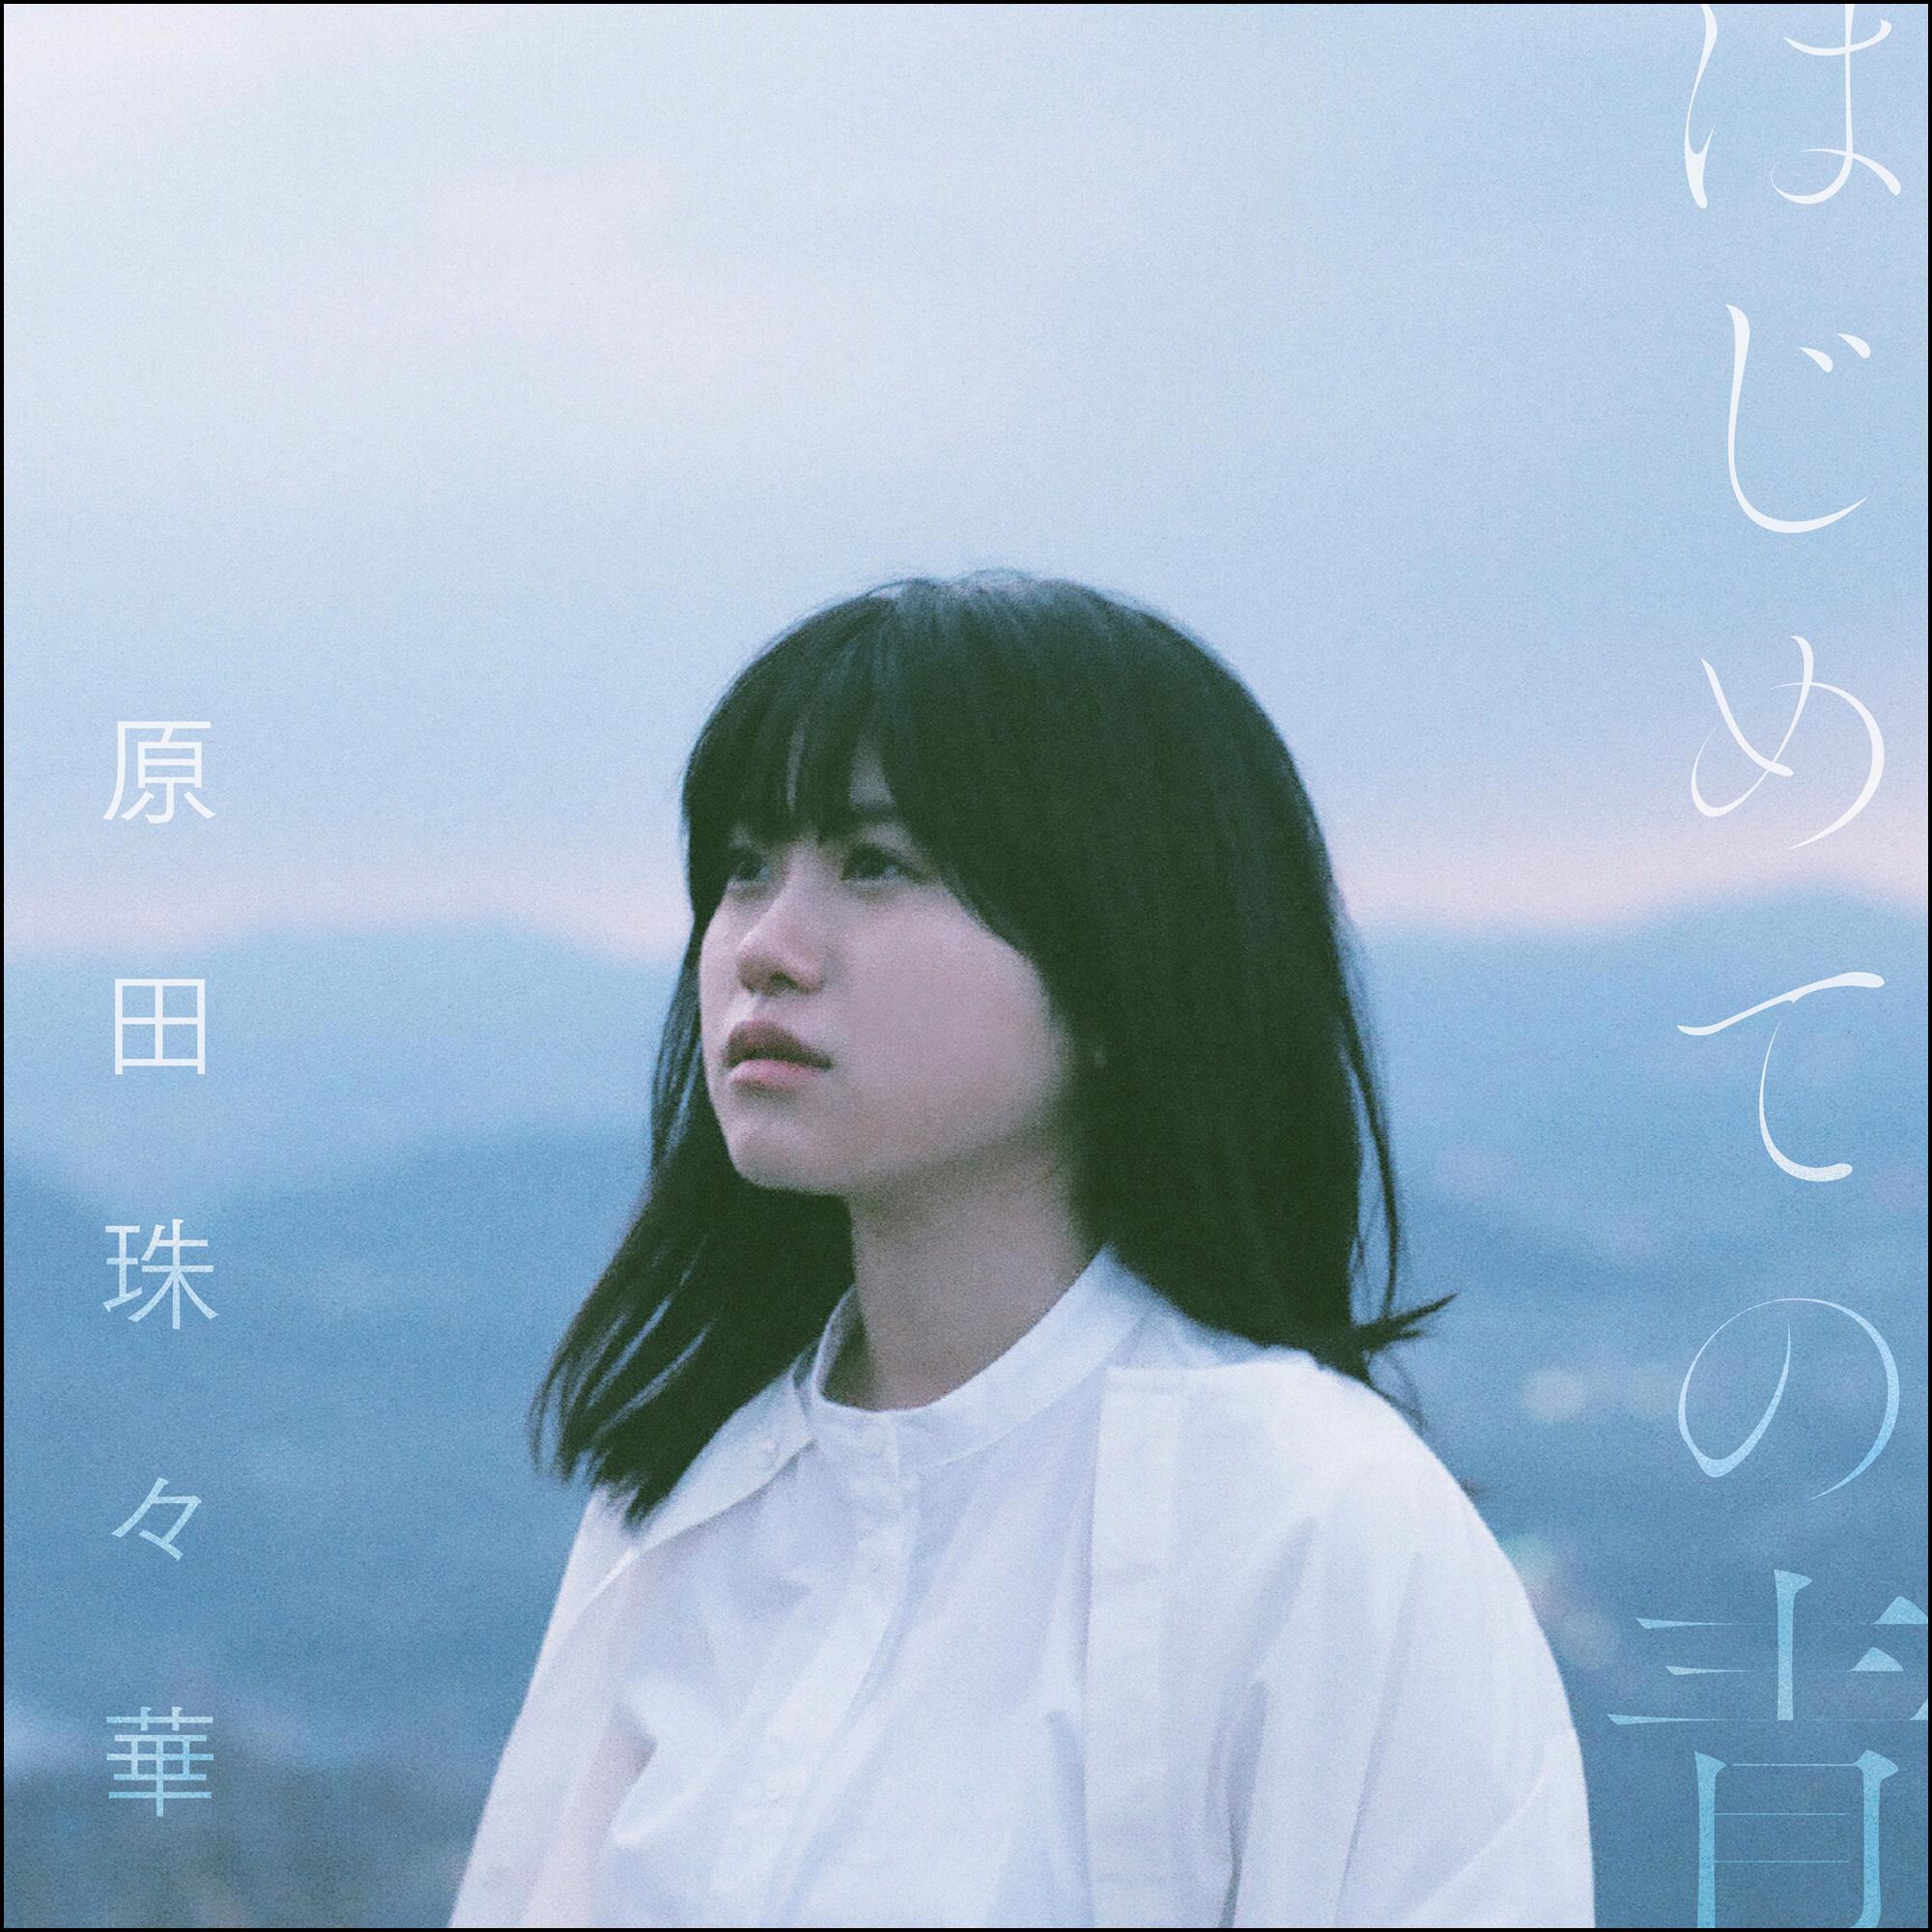 原田珠々華の1stミニアルバム「はじめての青」アートワーク&先行シングル「プレイリスト」のミュージックビデオが公開